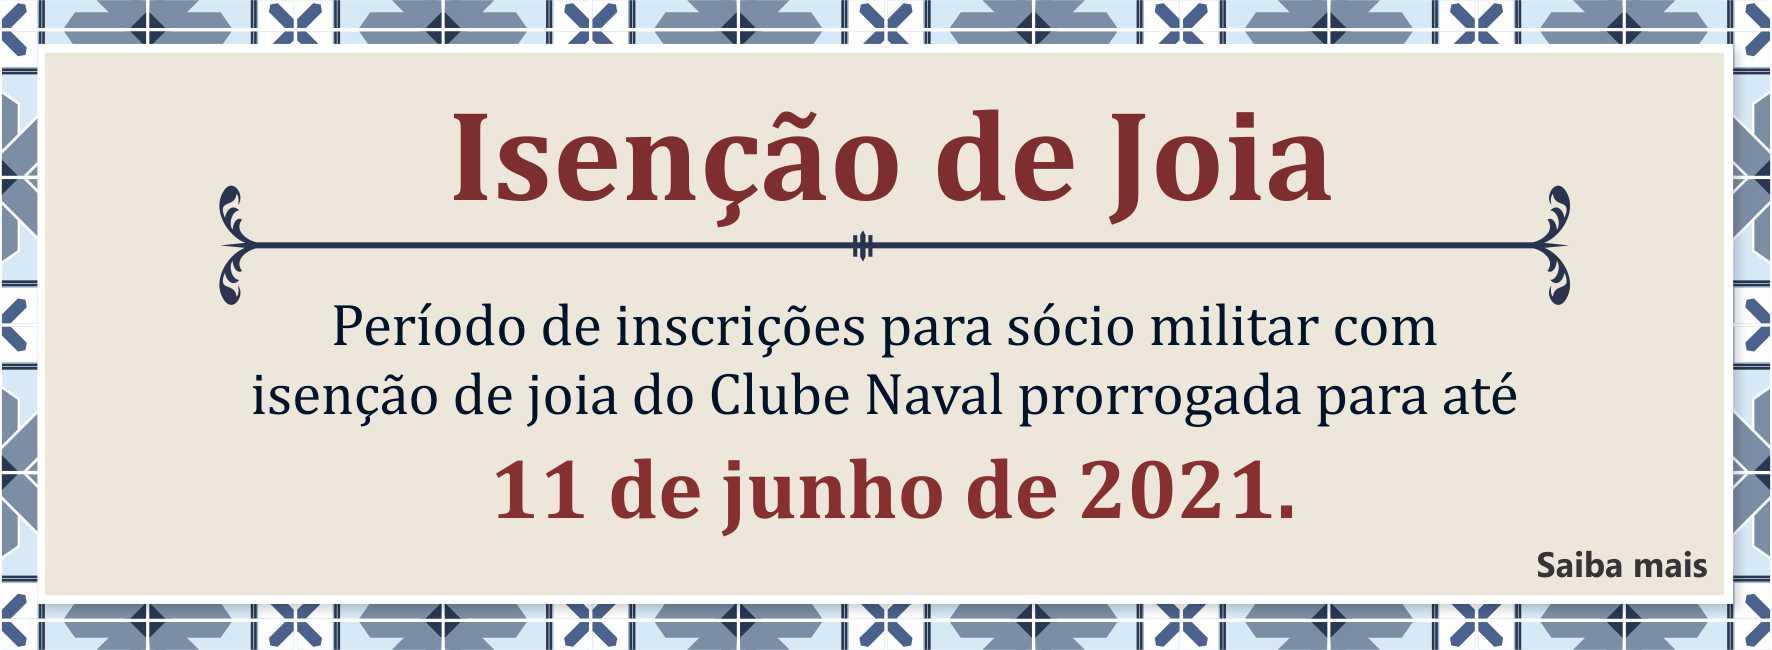 https://www.clubenaval.org.br/novo/?q=admiss%C3%A3o-com-isen%C3%A7%C3%A3o-de-joia-7